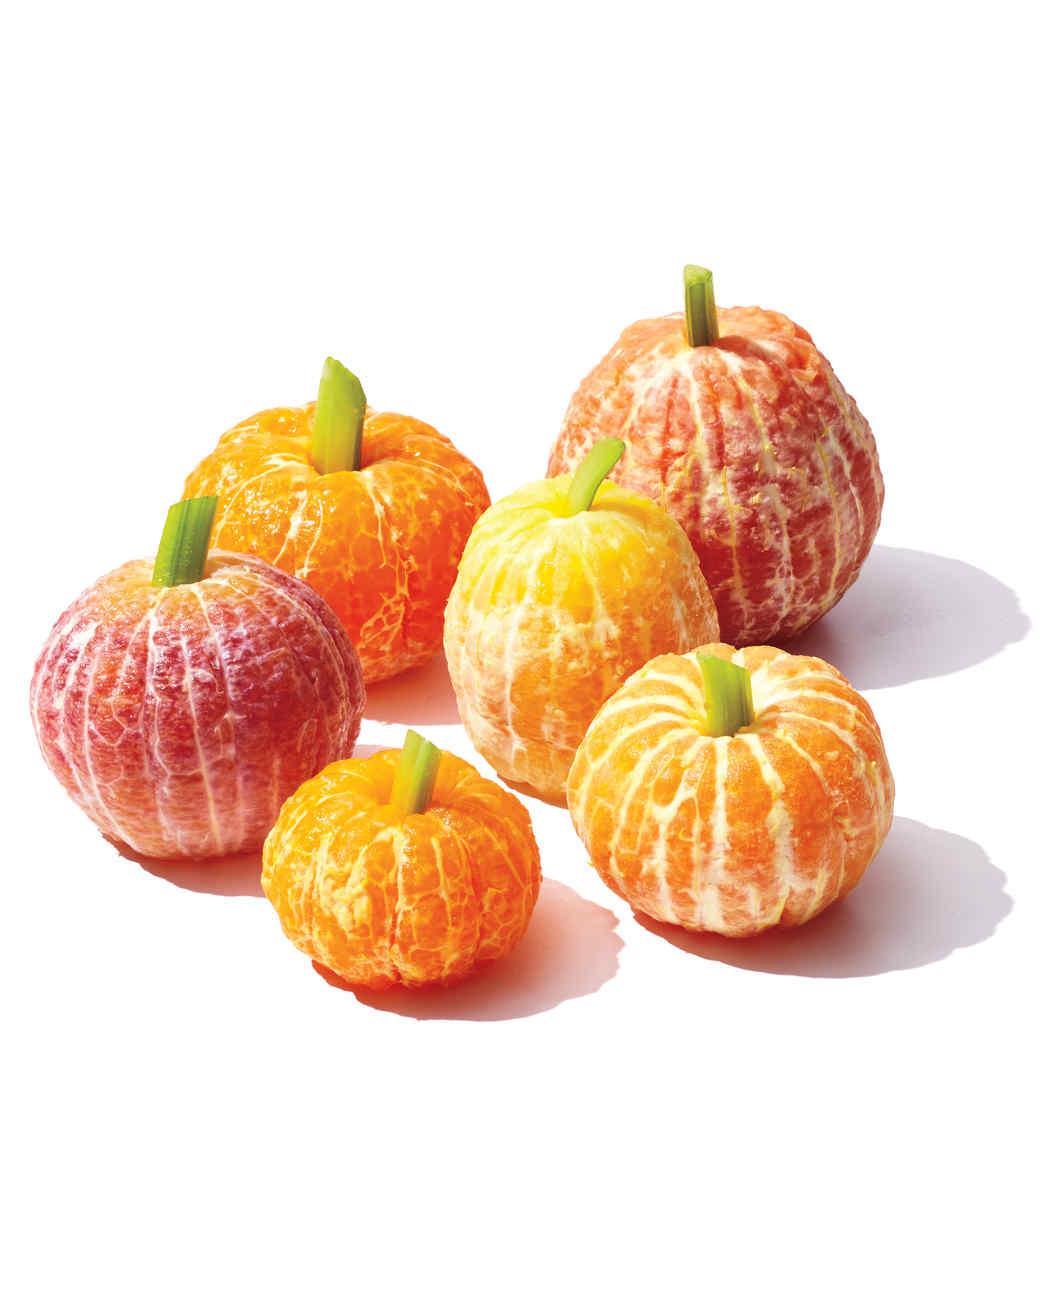 clementine-pumpkins-407-d111316.jpg